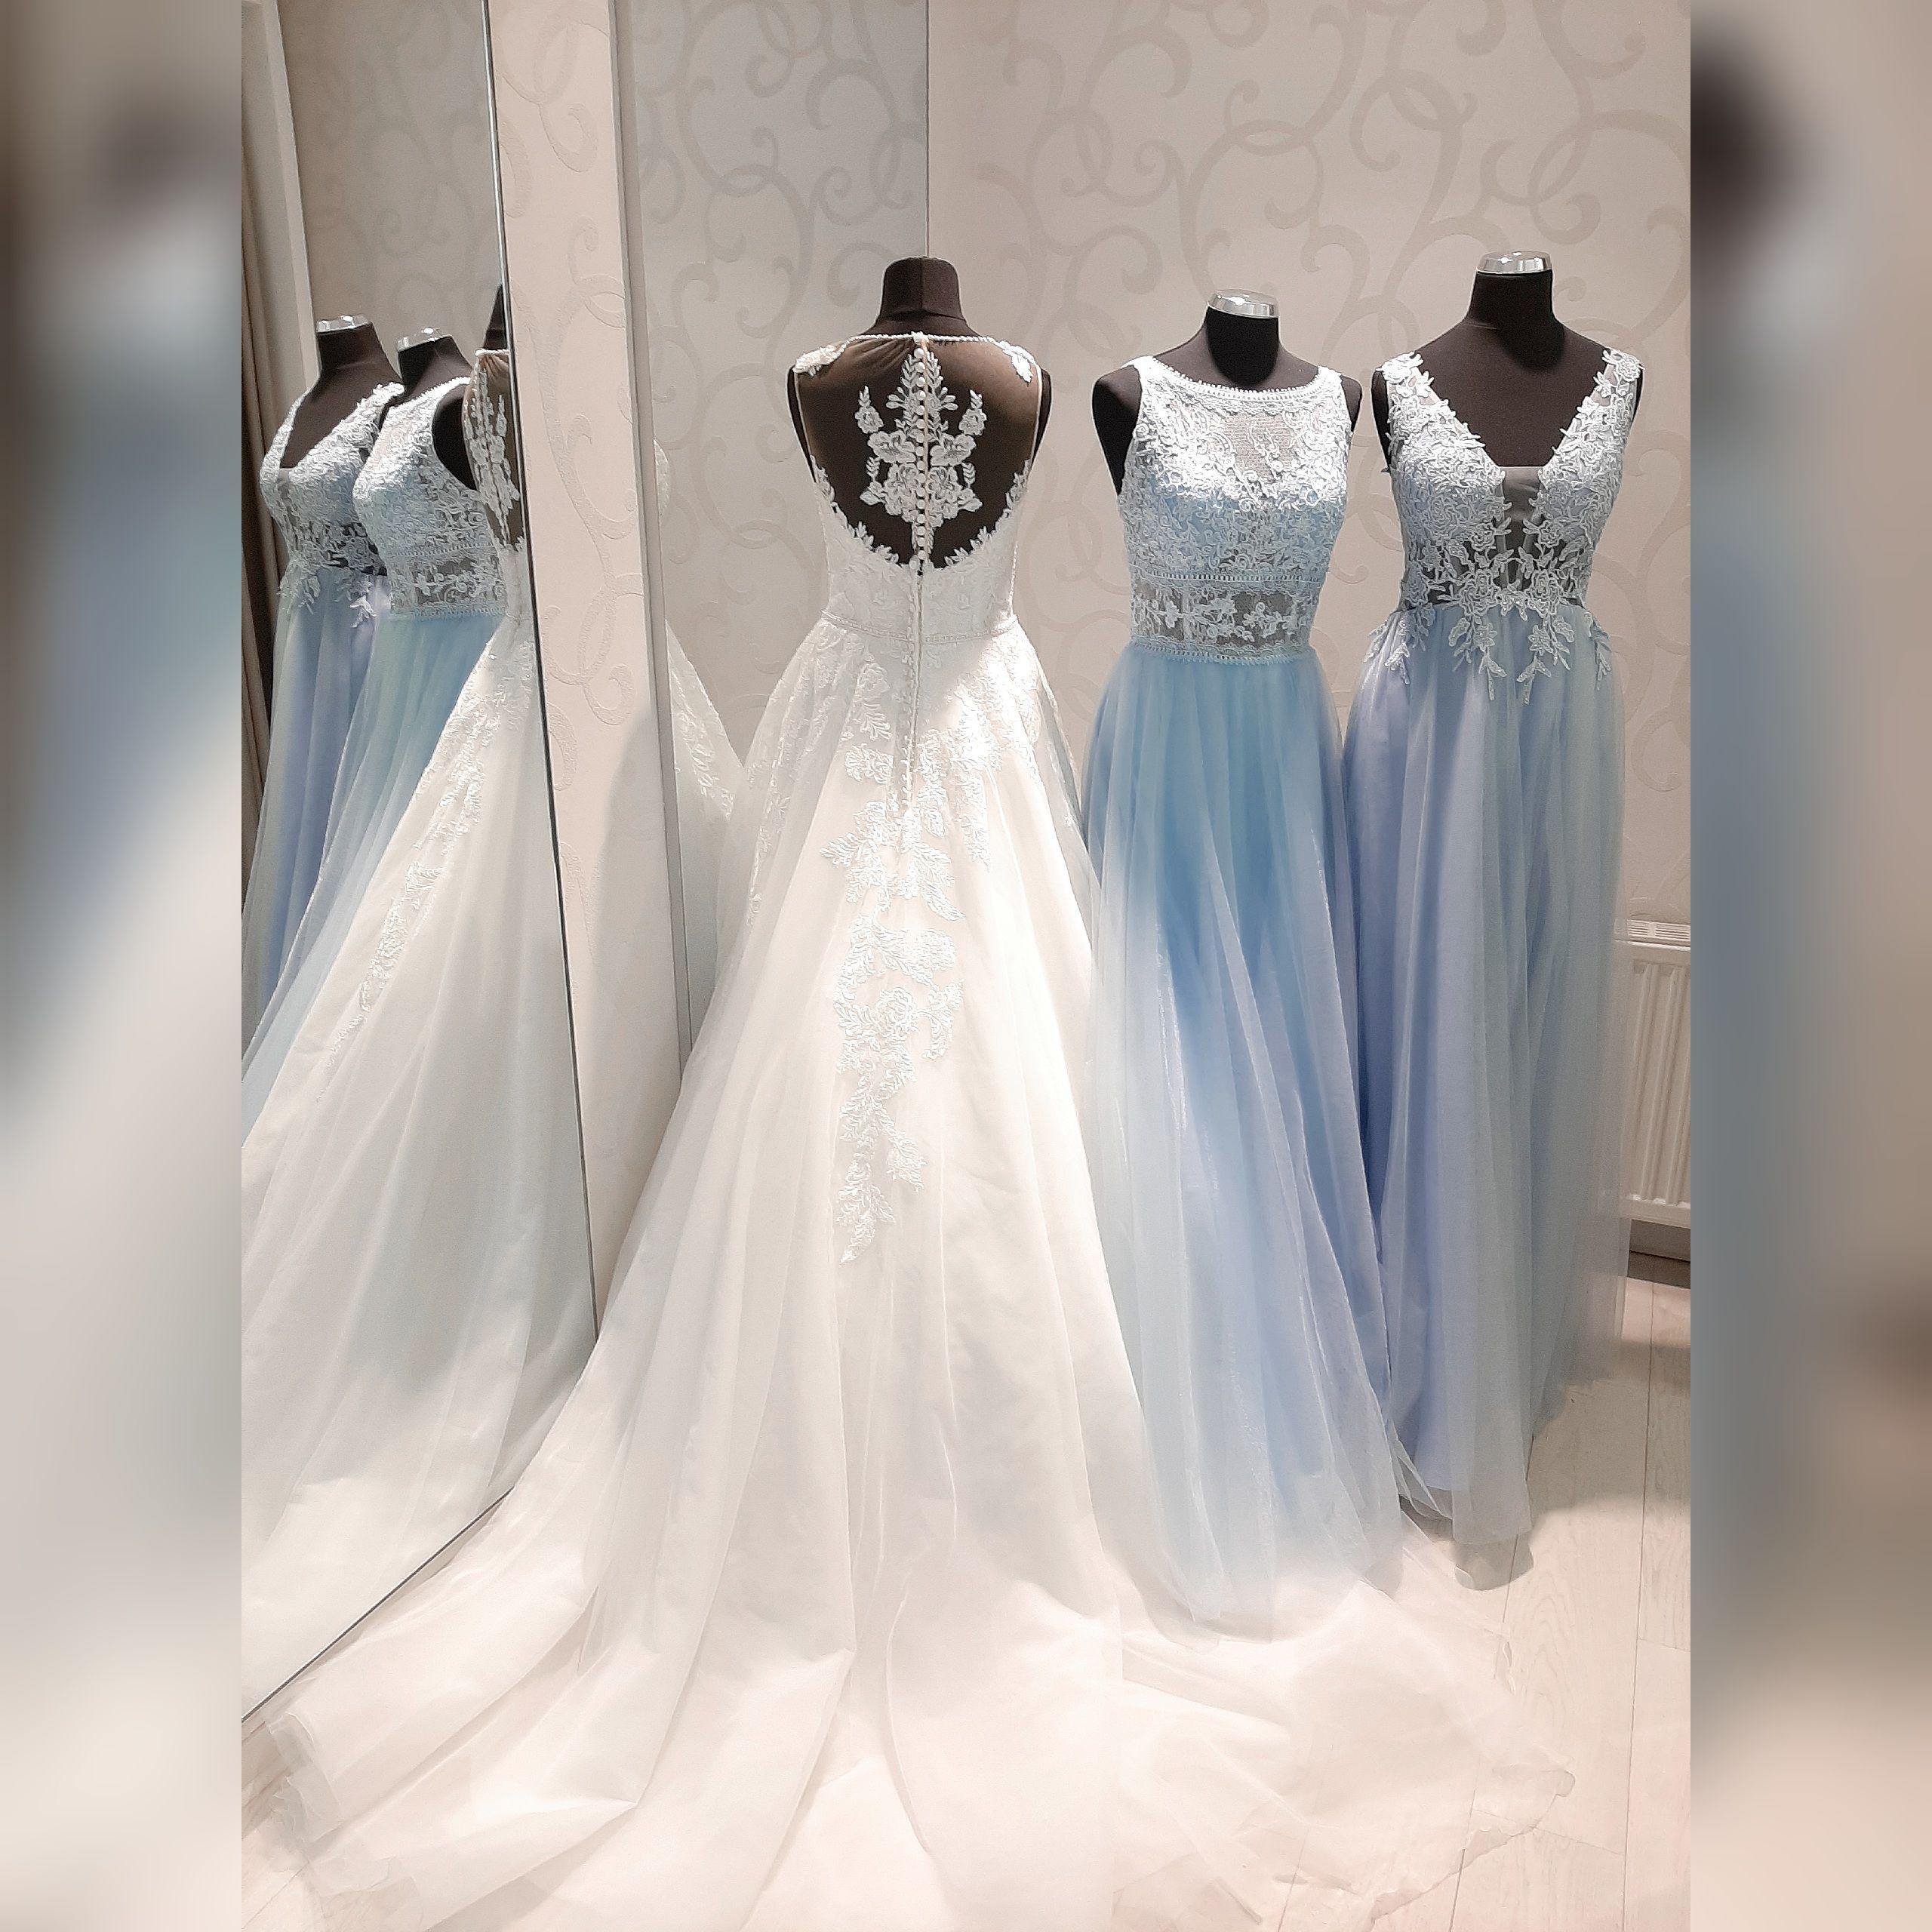 ozeanblue pastell abendkleider | abendkleid, kleid hochzeit